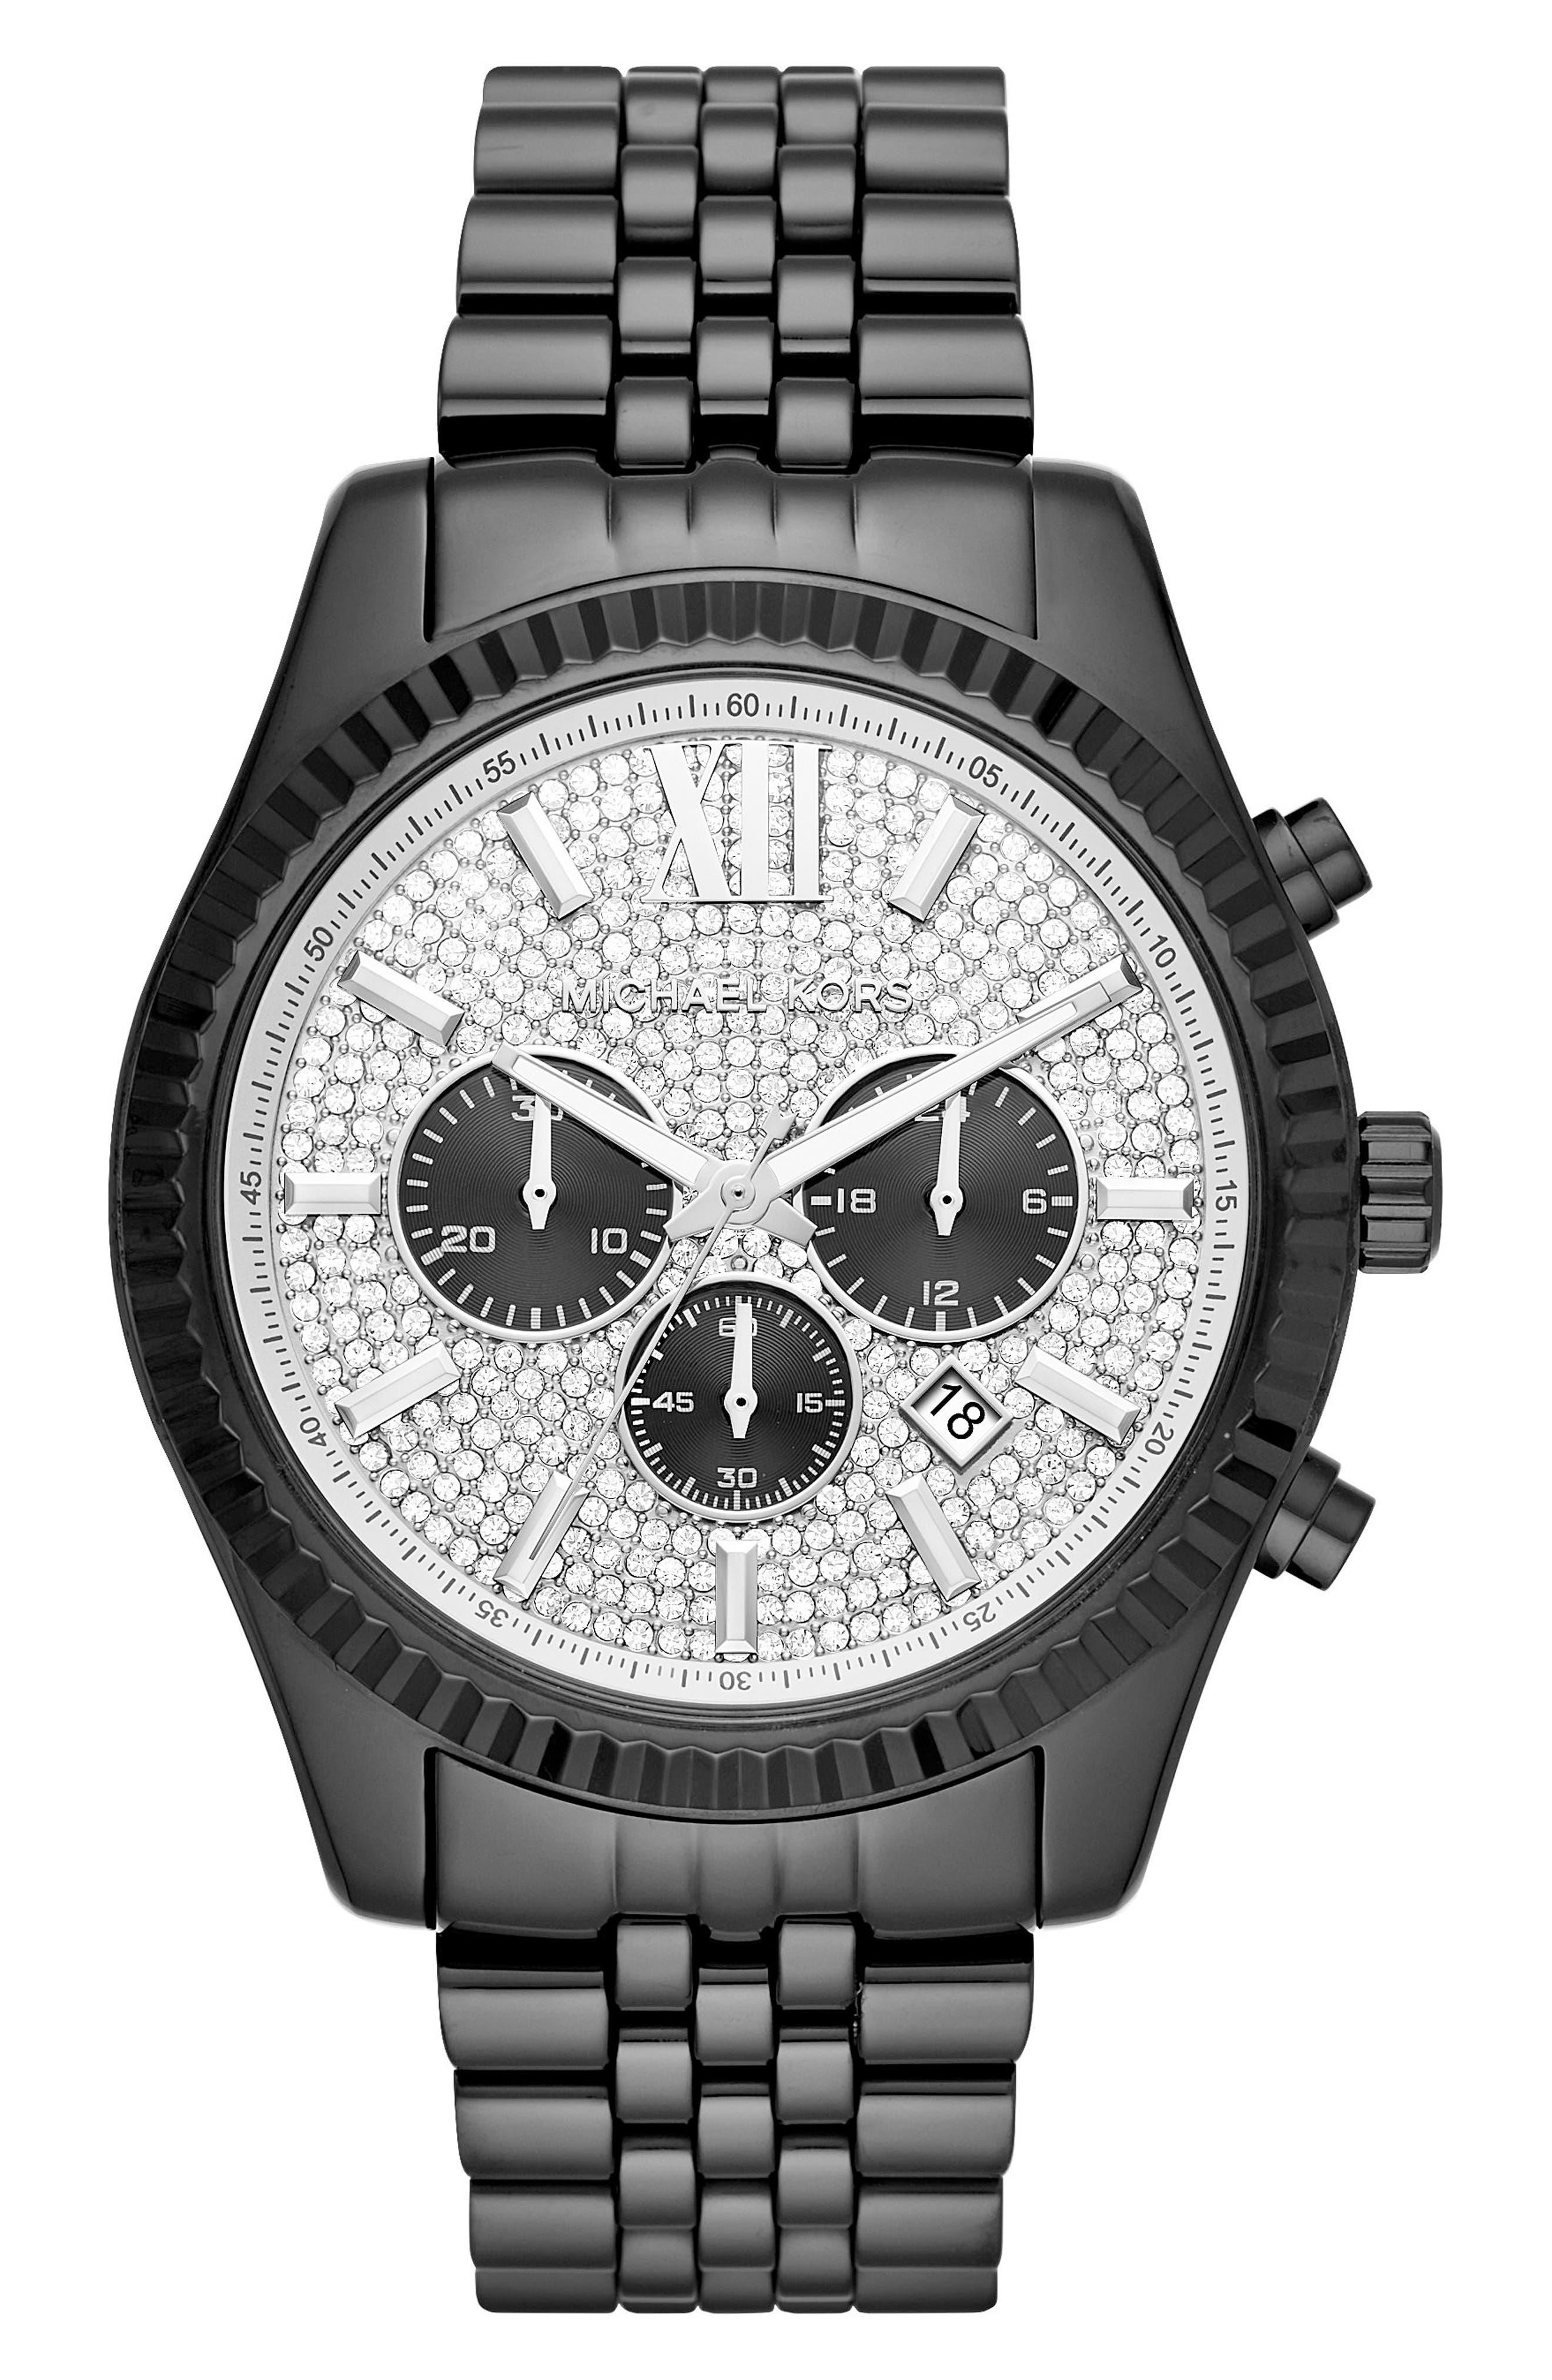 MICHAEL KORS, Lexington Pavé Chronograph Bracelet Watch, 45mm x 54mm, Main thumbnail 1, color, BLACK/ SILVER/ BLACK